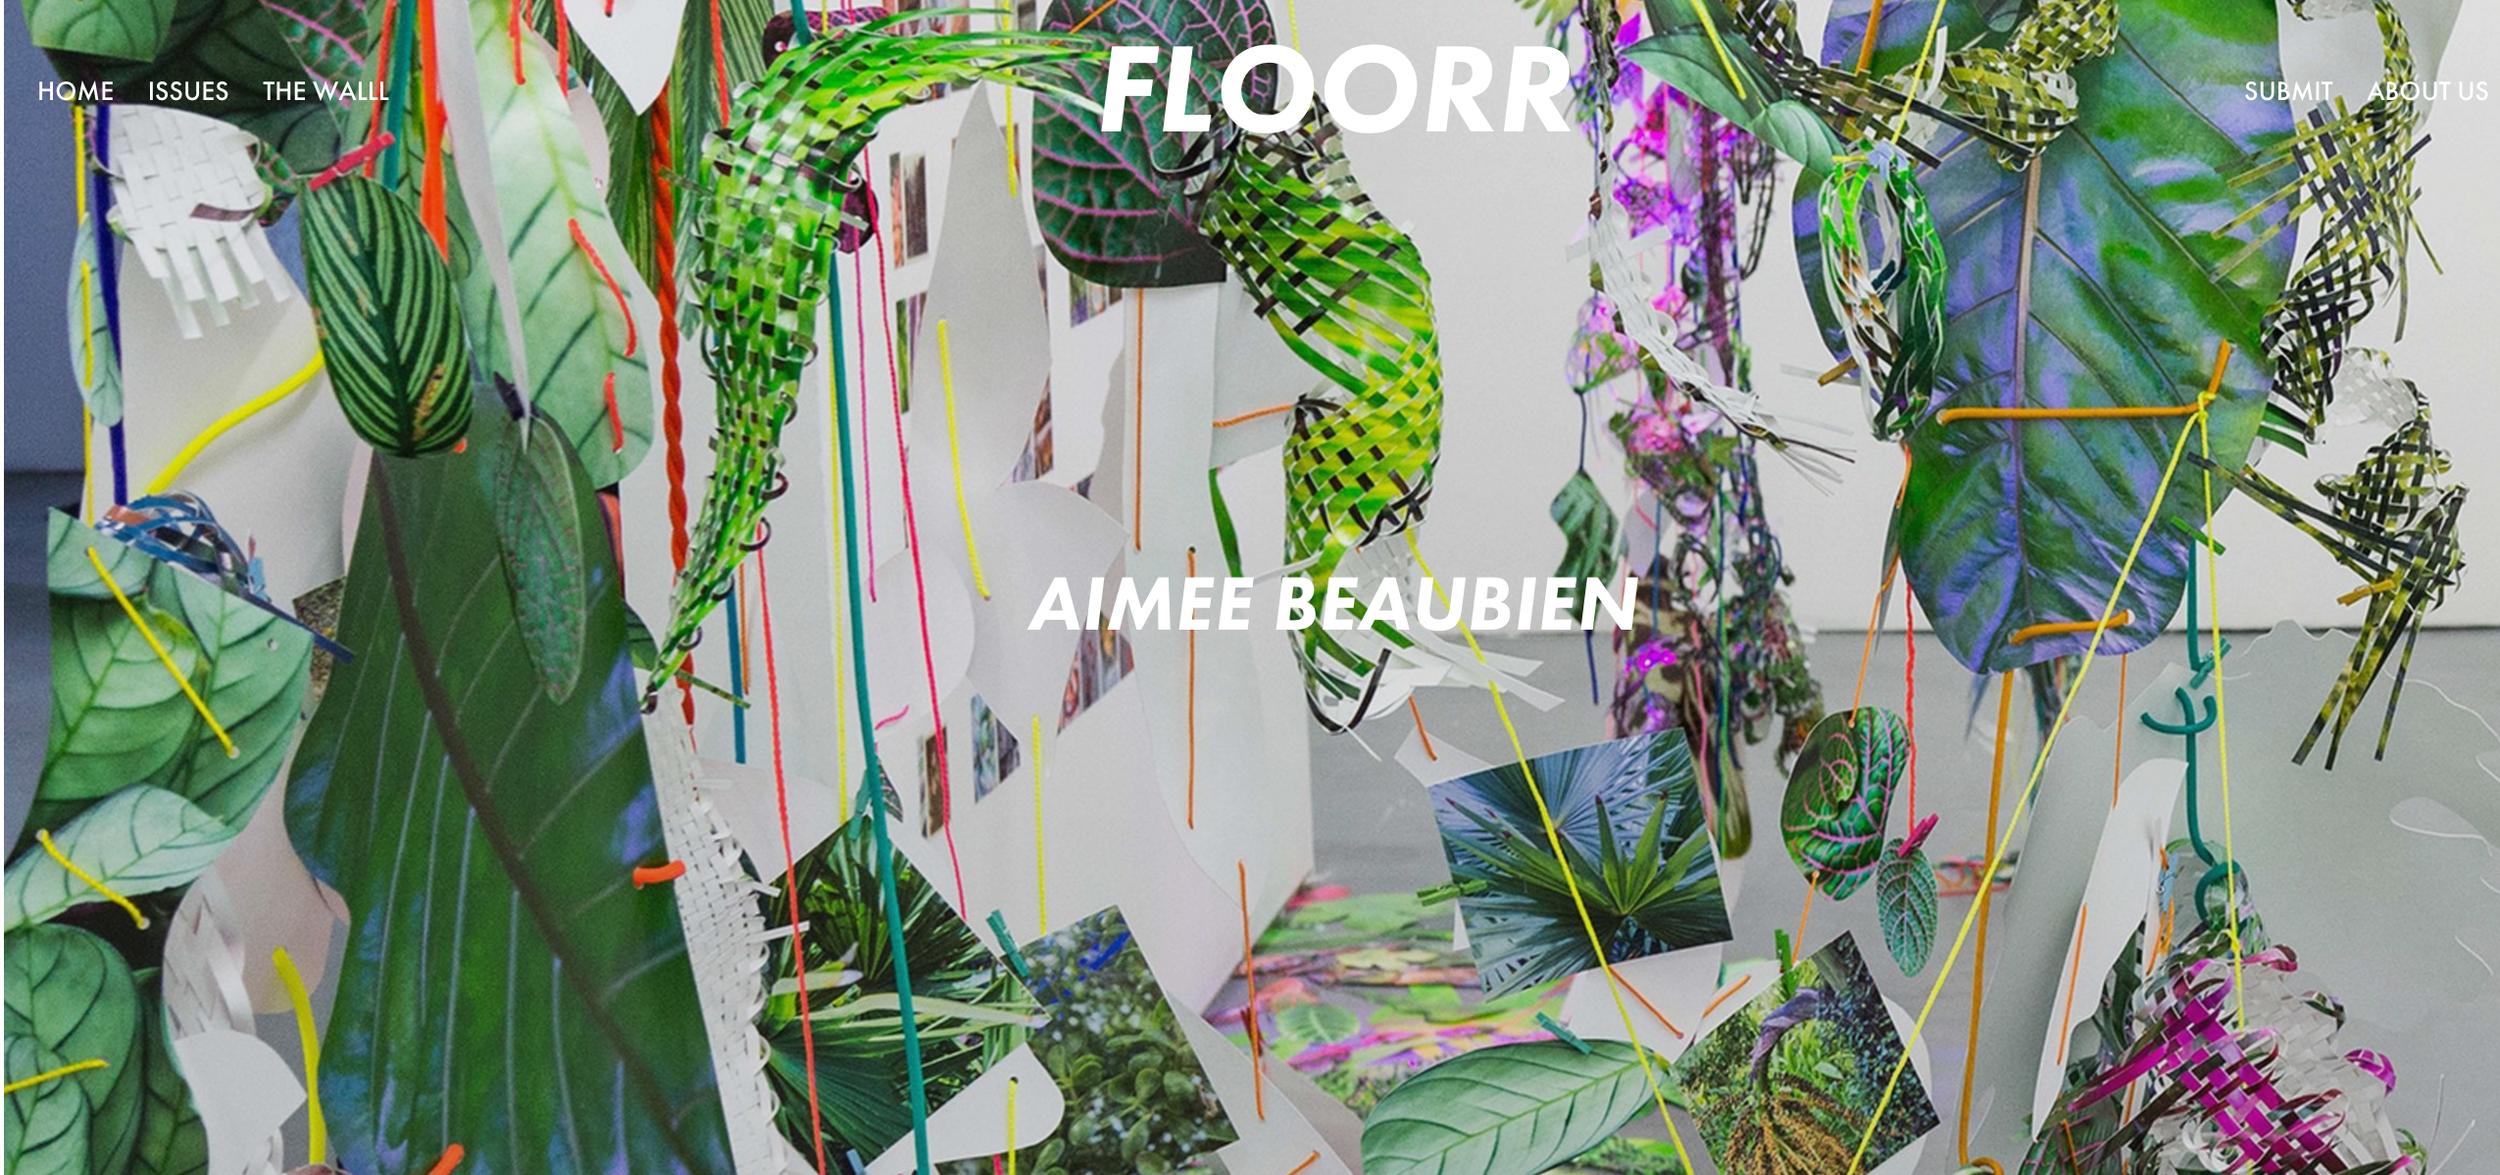 beaubien_floorr_magazine